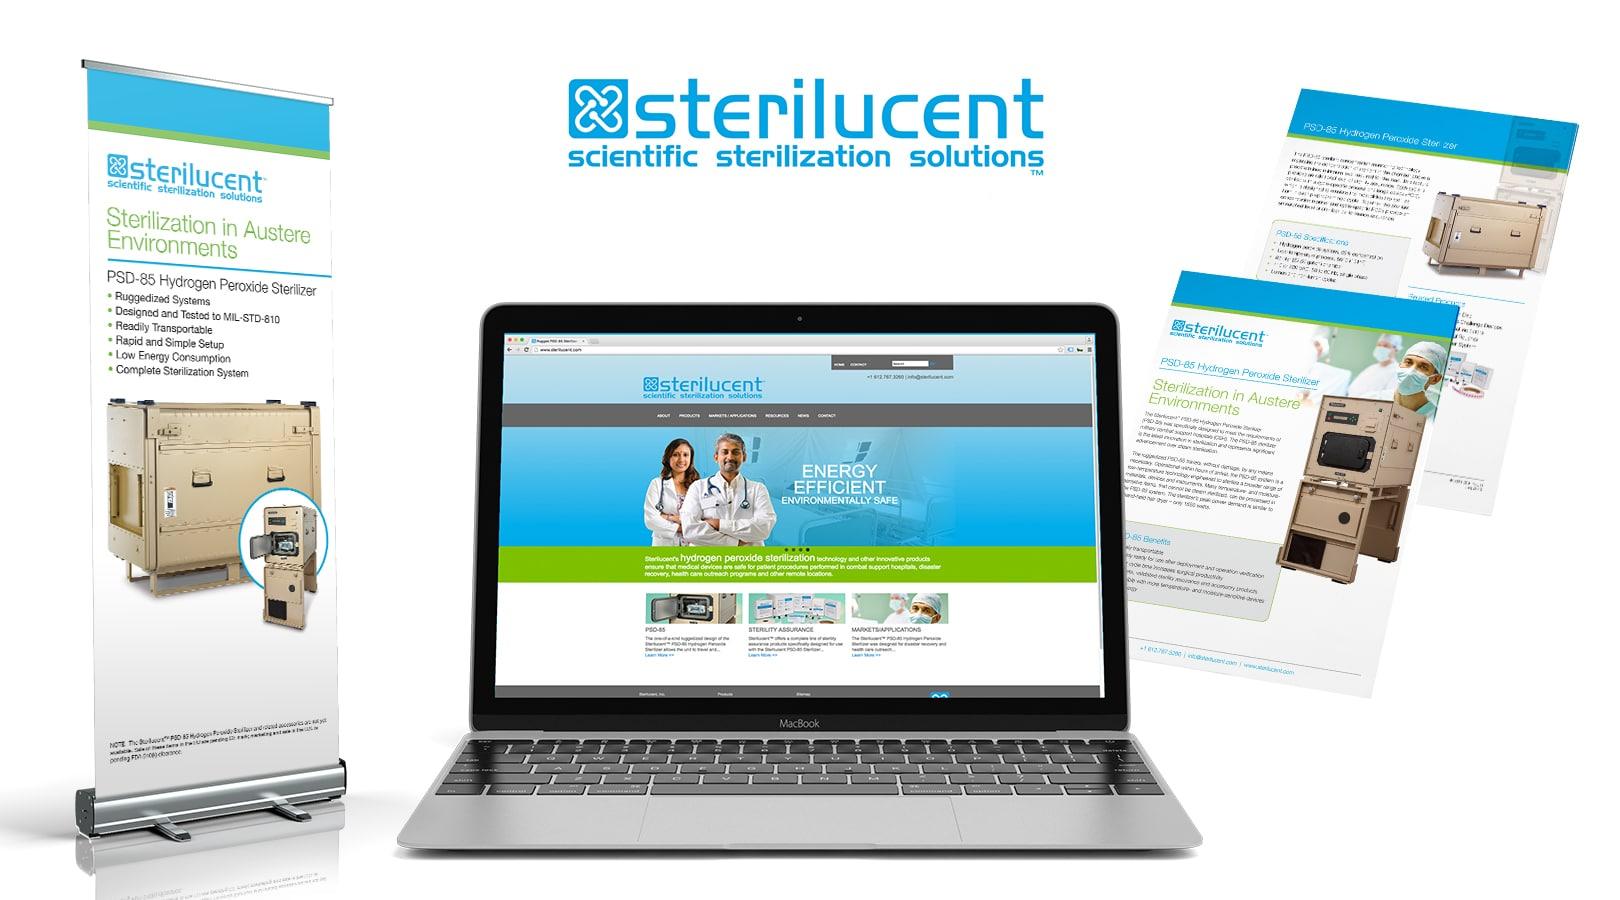 Sterilucent